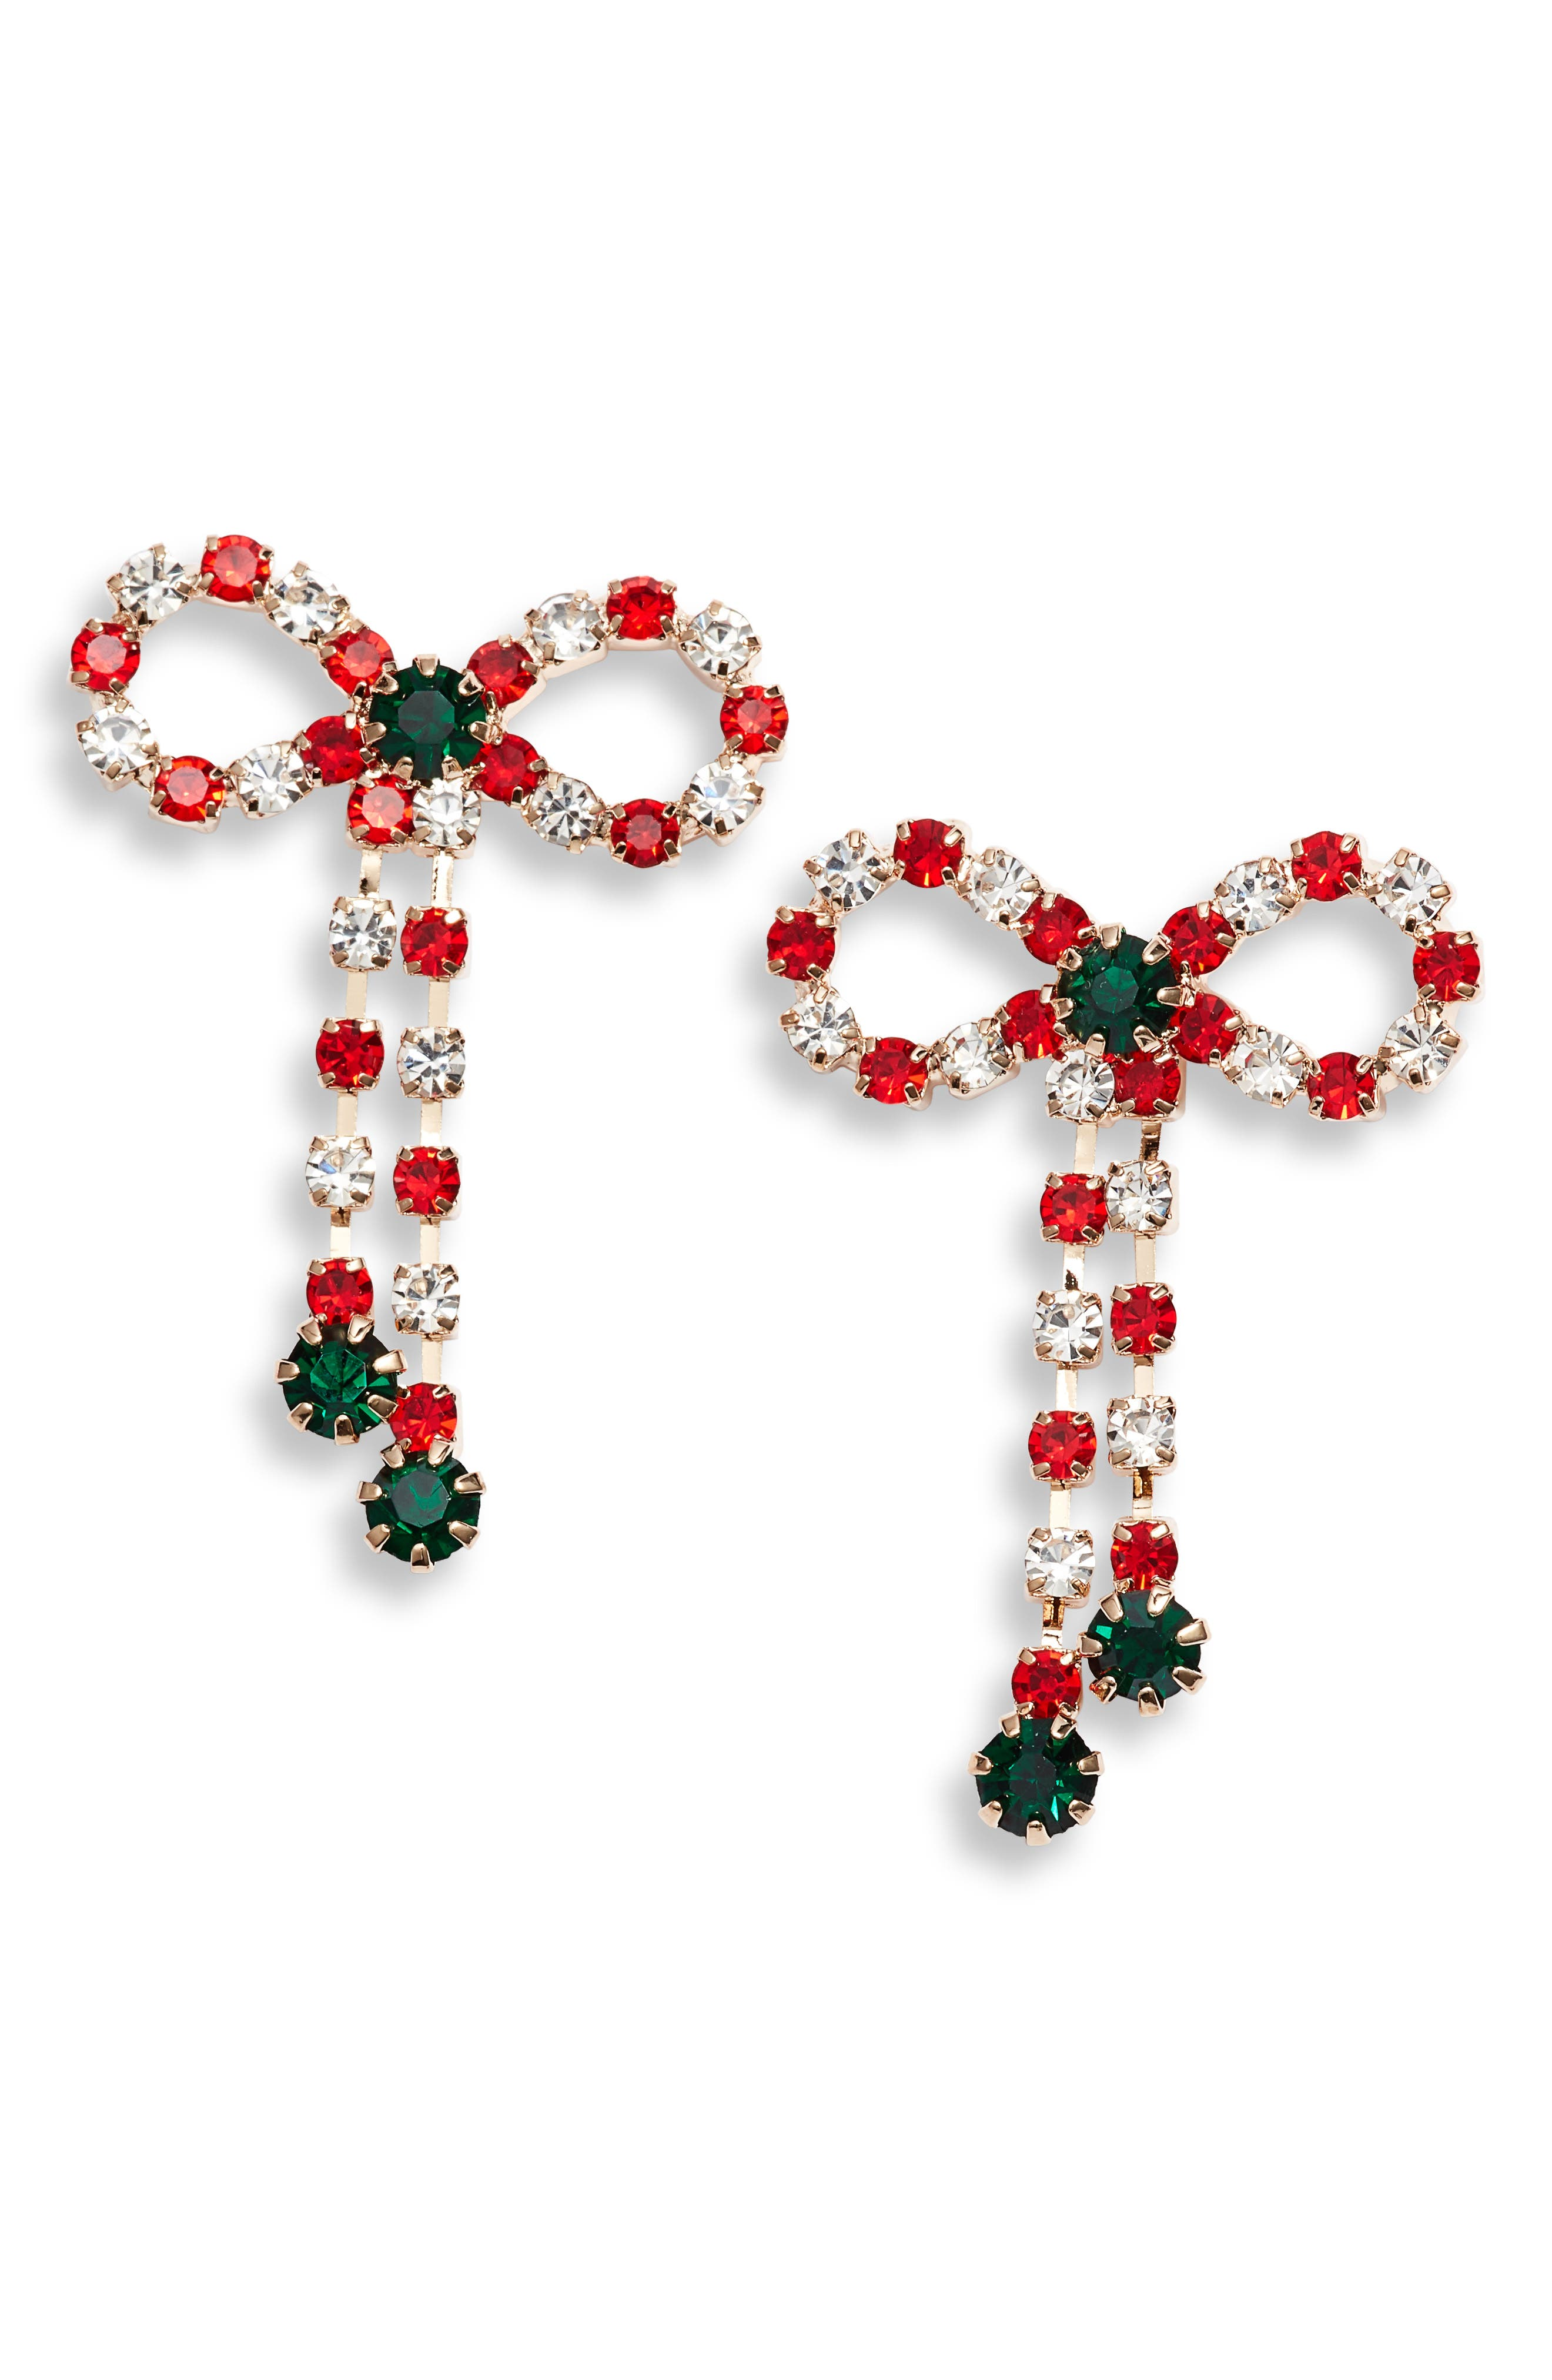 Crystal Christmas Bow Earrings